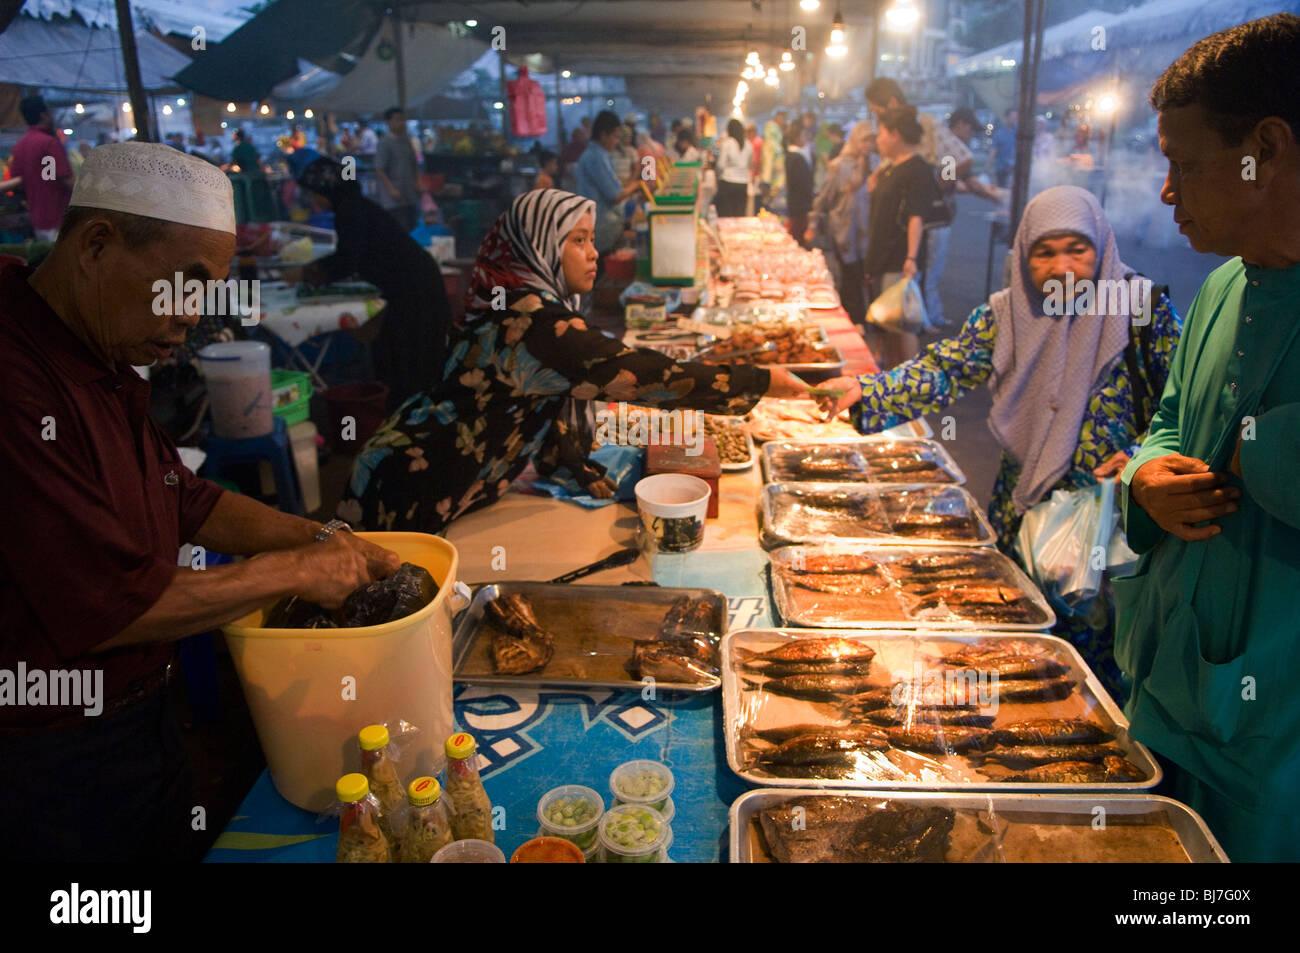 Local food market and traders, Bandar Seri Begawan, Brunei Darussalam - Stock Image